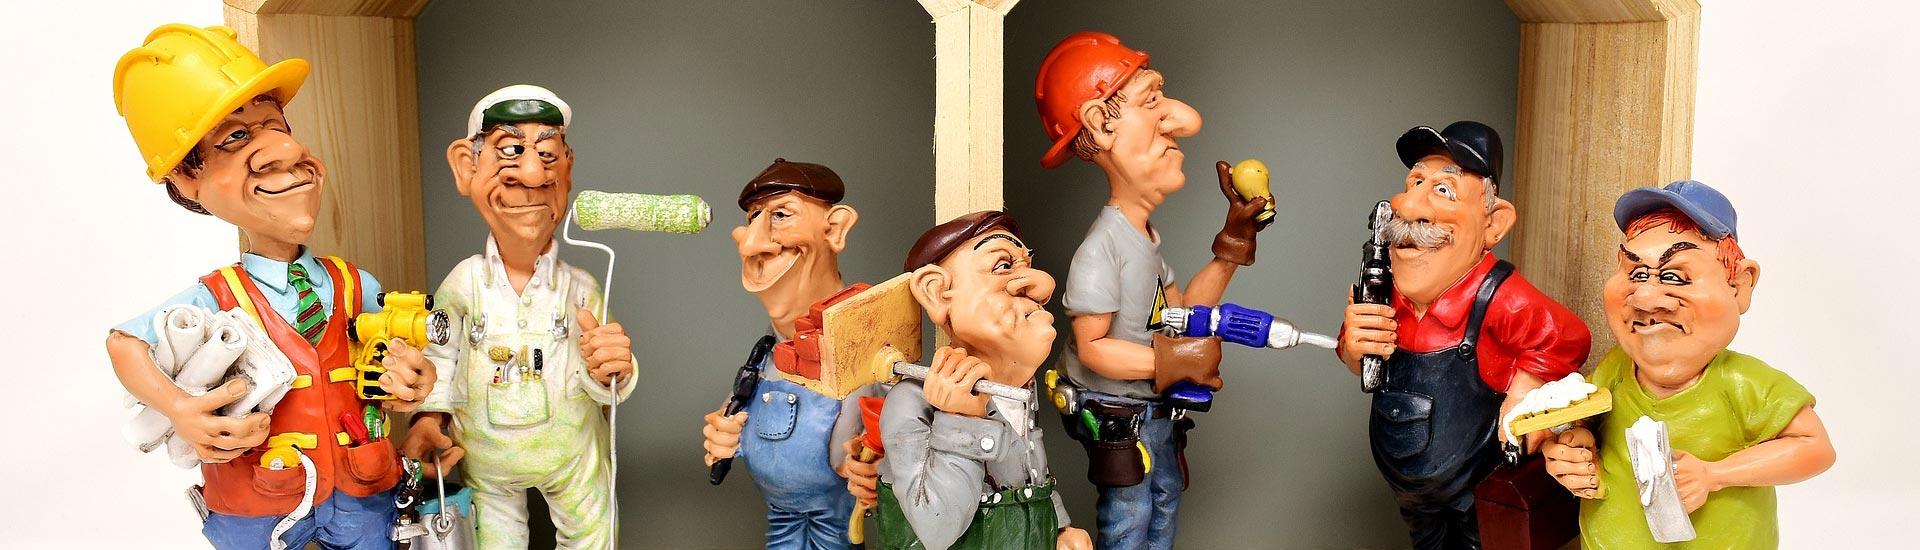 handwerker-header